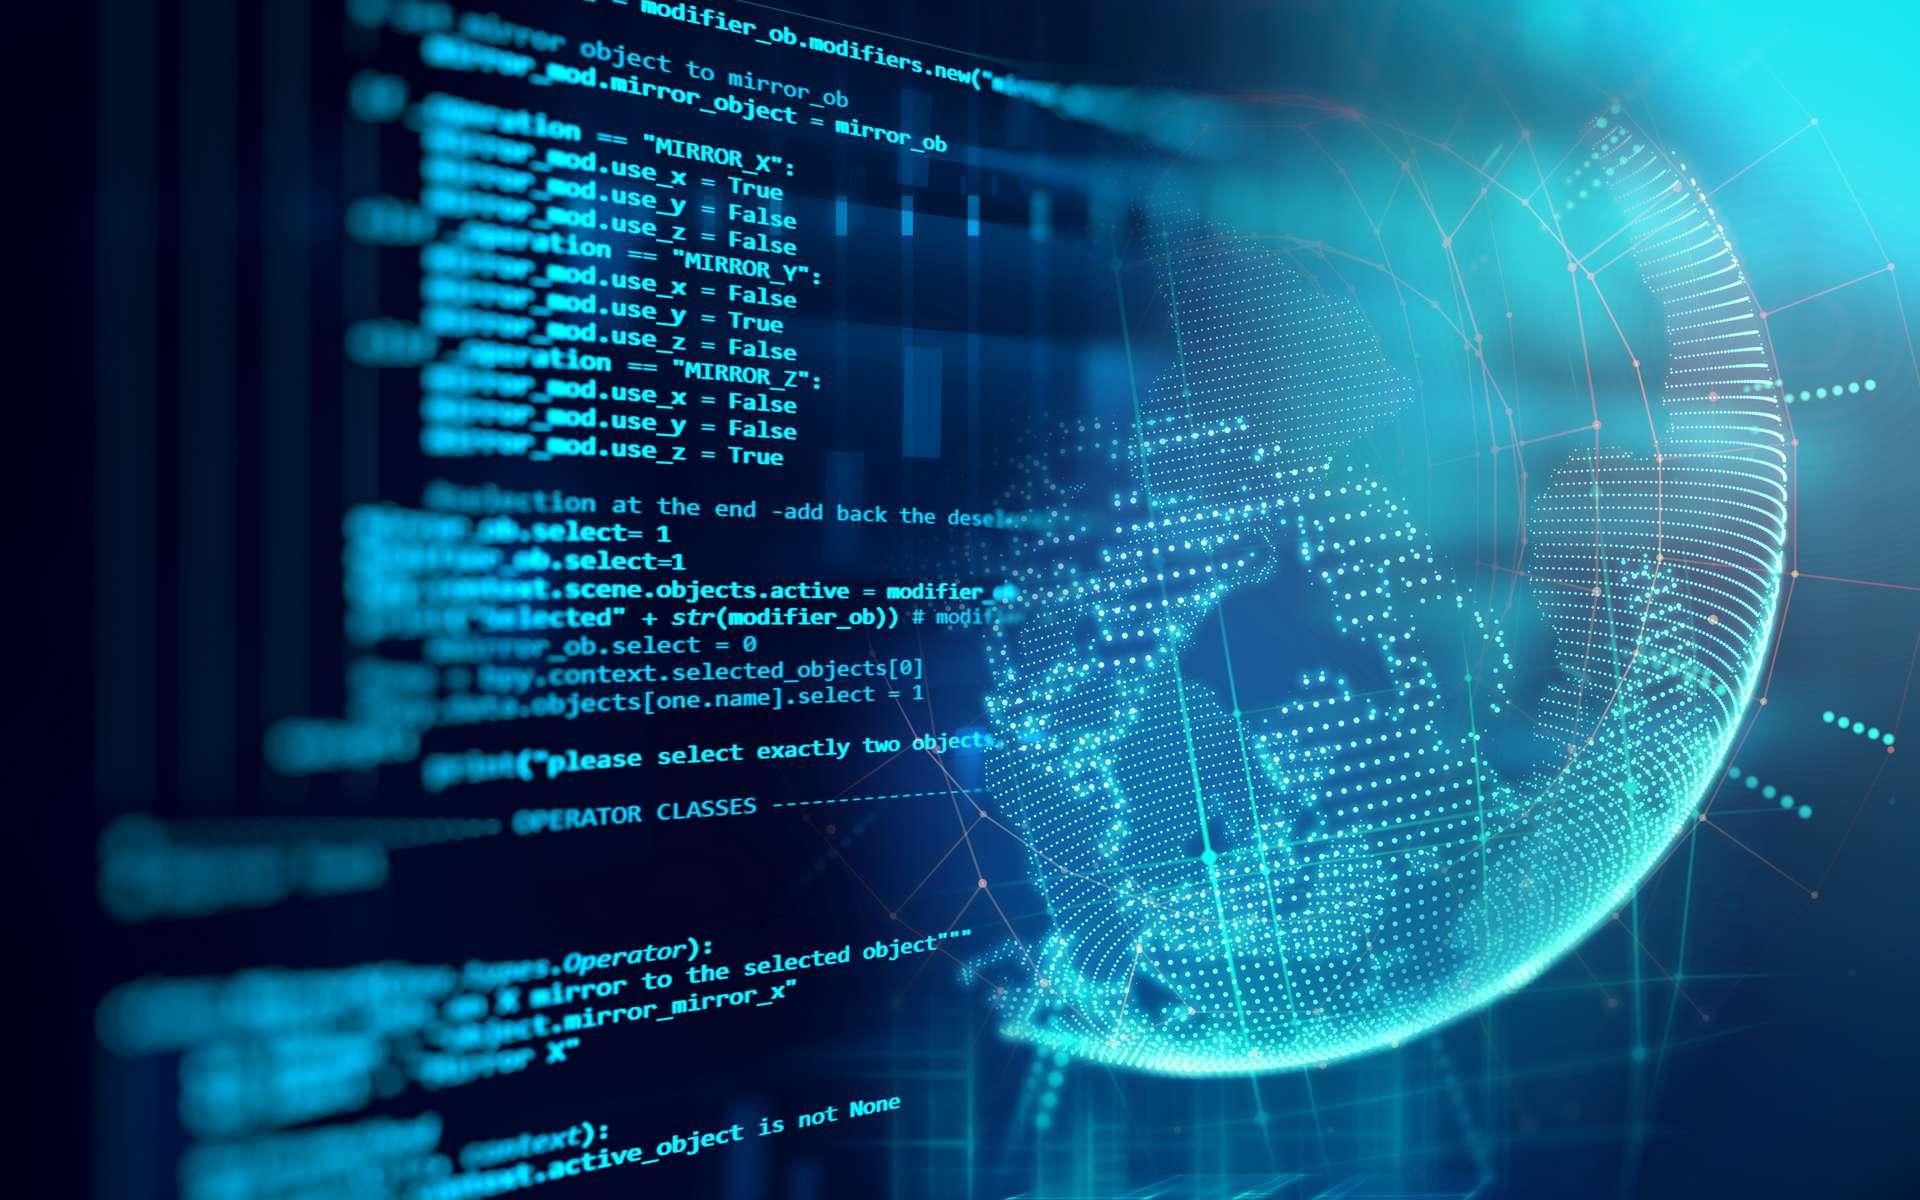 Sauvegarder des milliers de lignes de code informatique : un patrimoine pour les générations futures. © Monsitj, Adobe Stock